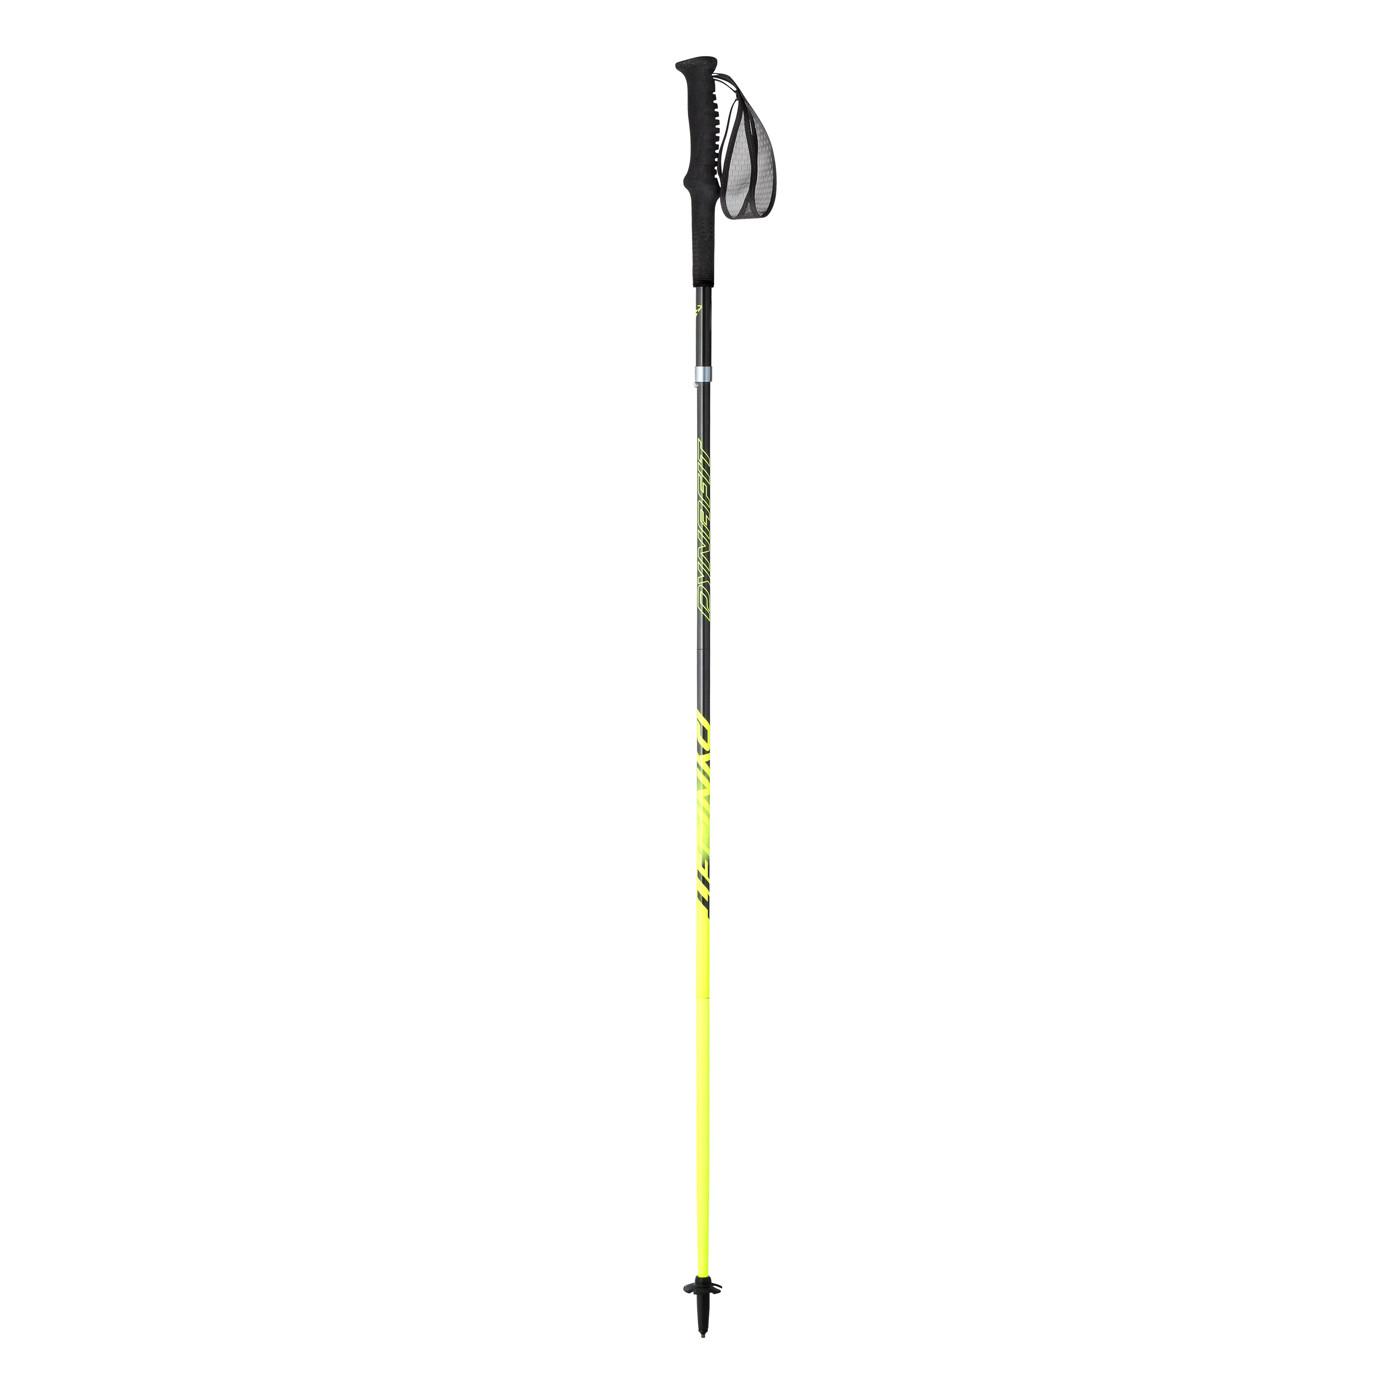 DYNAFIT Vert Pro Pole